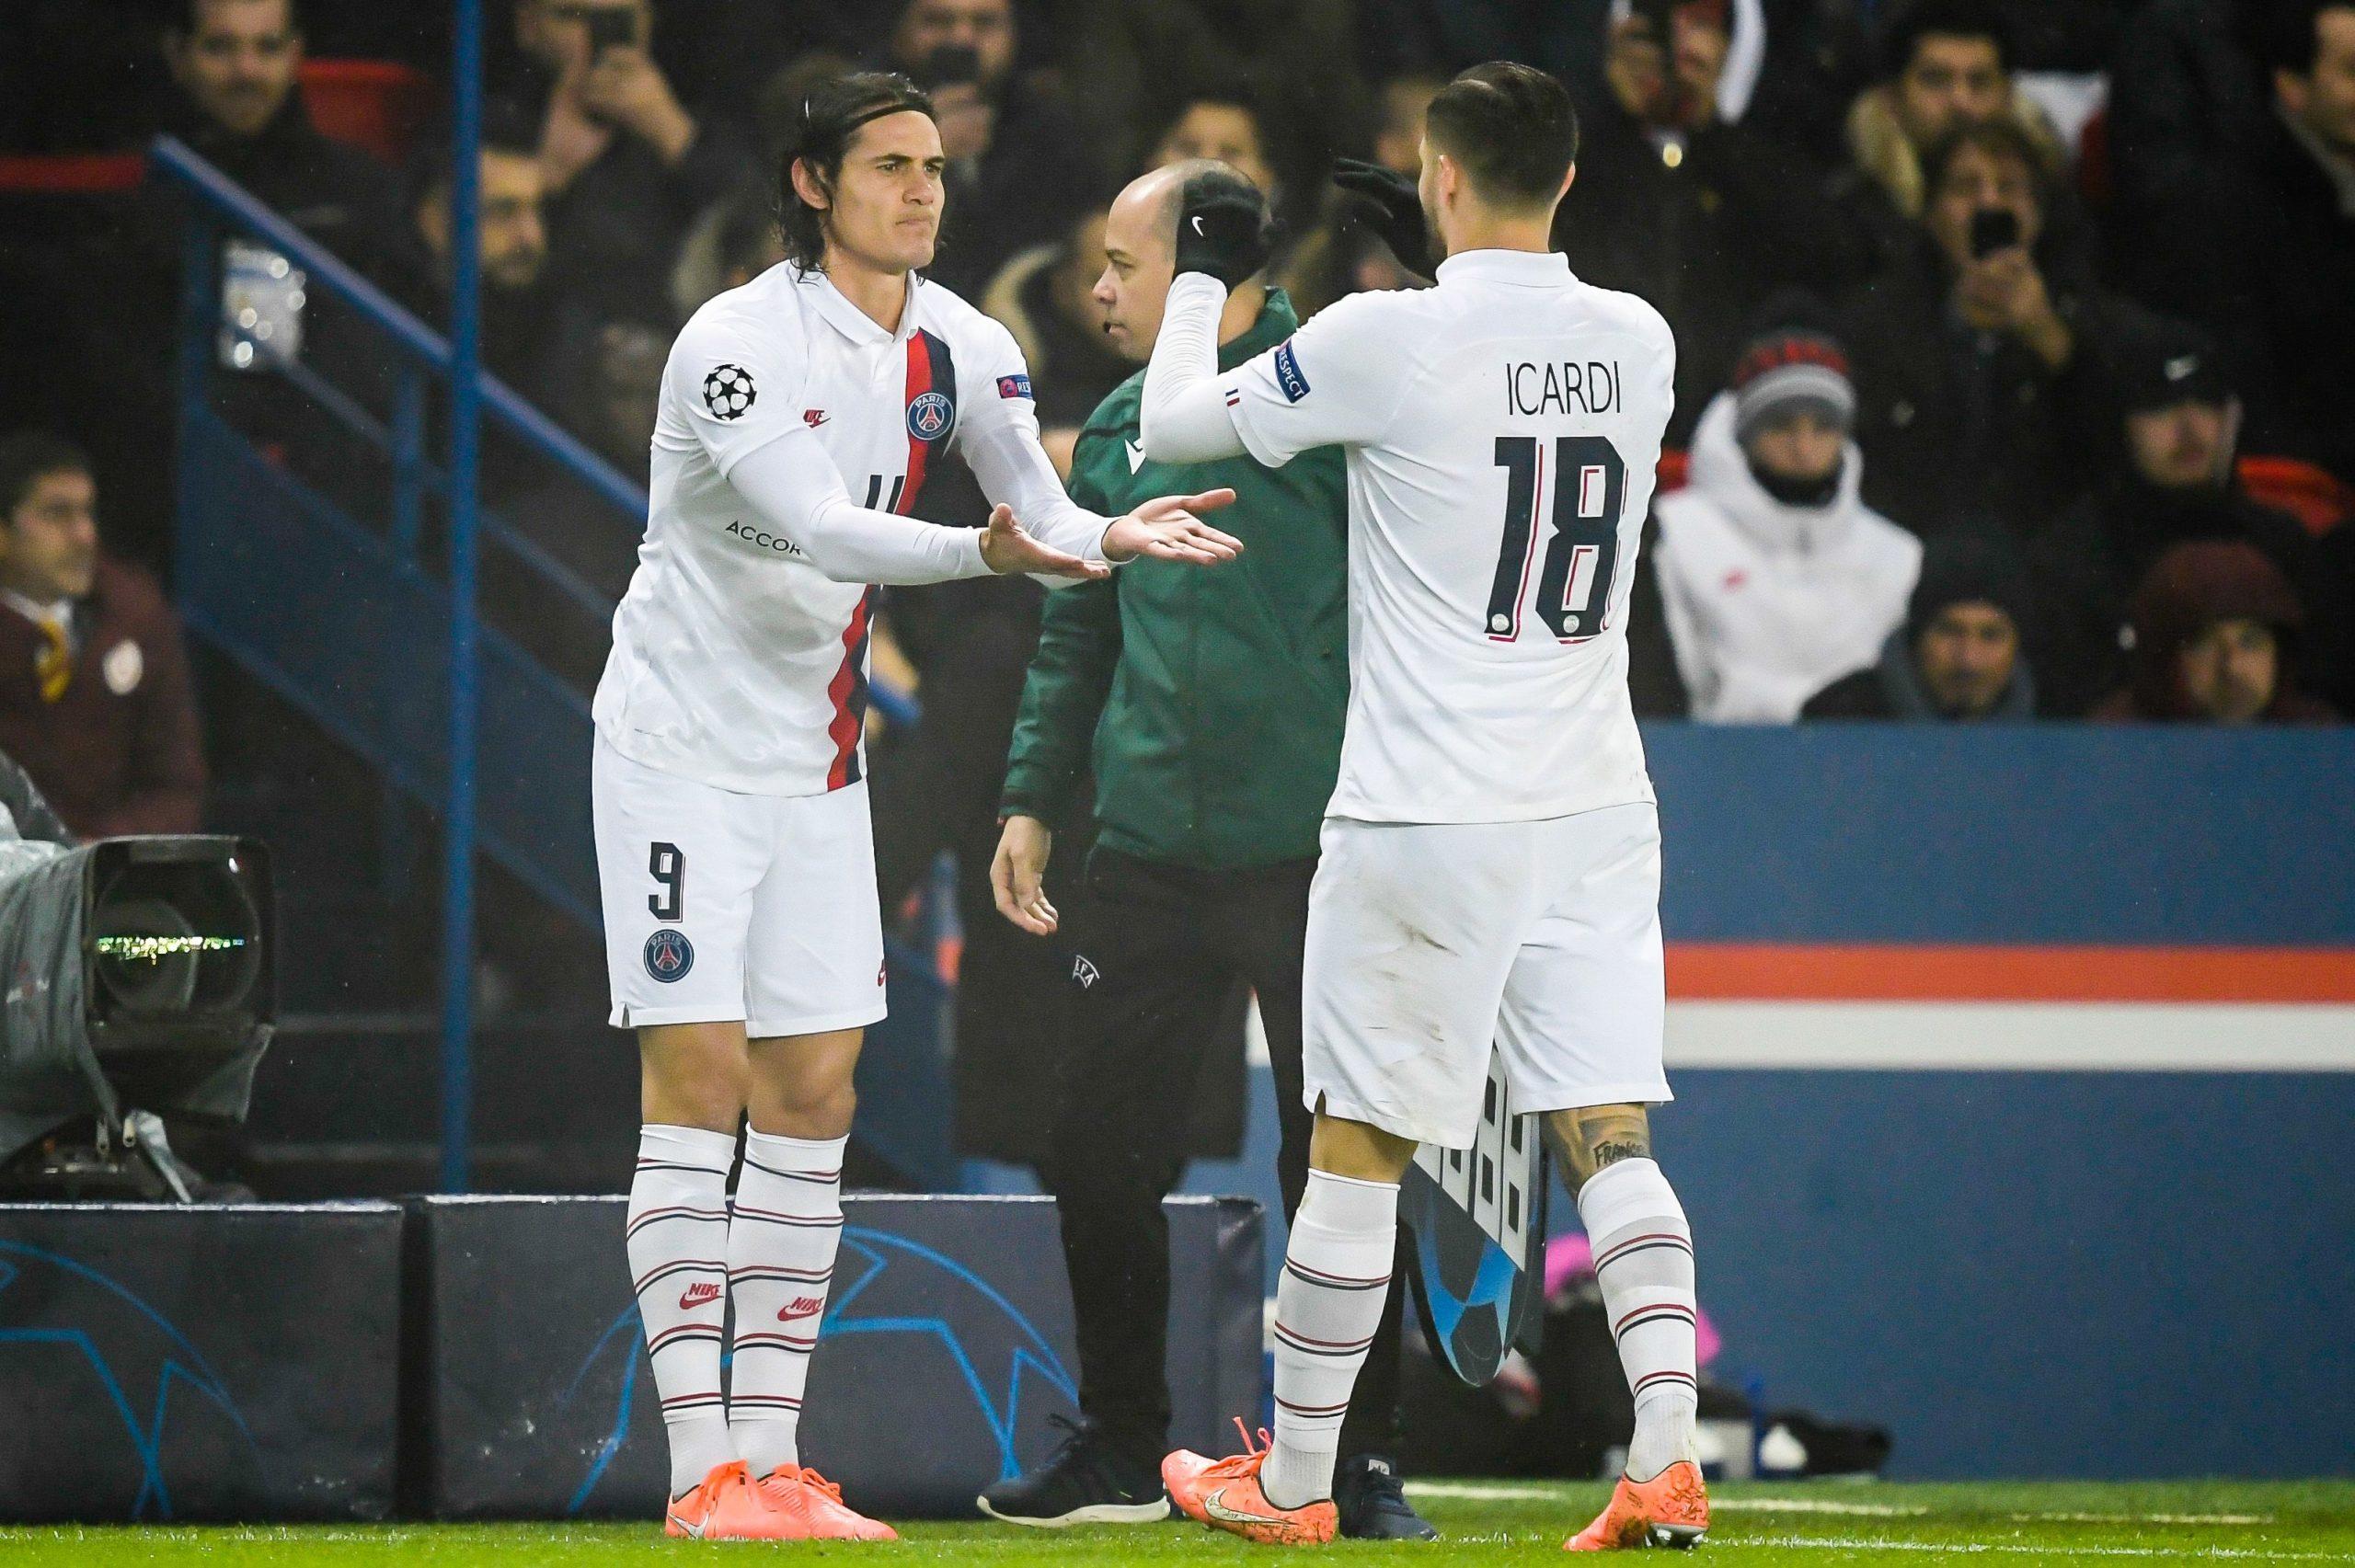 L'équipe-type du PSG pour finir la saison 2019-2020 : quel attaquant en premier ?